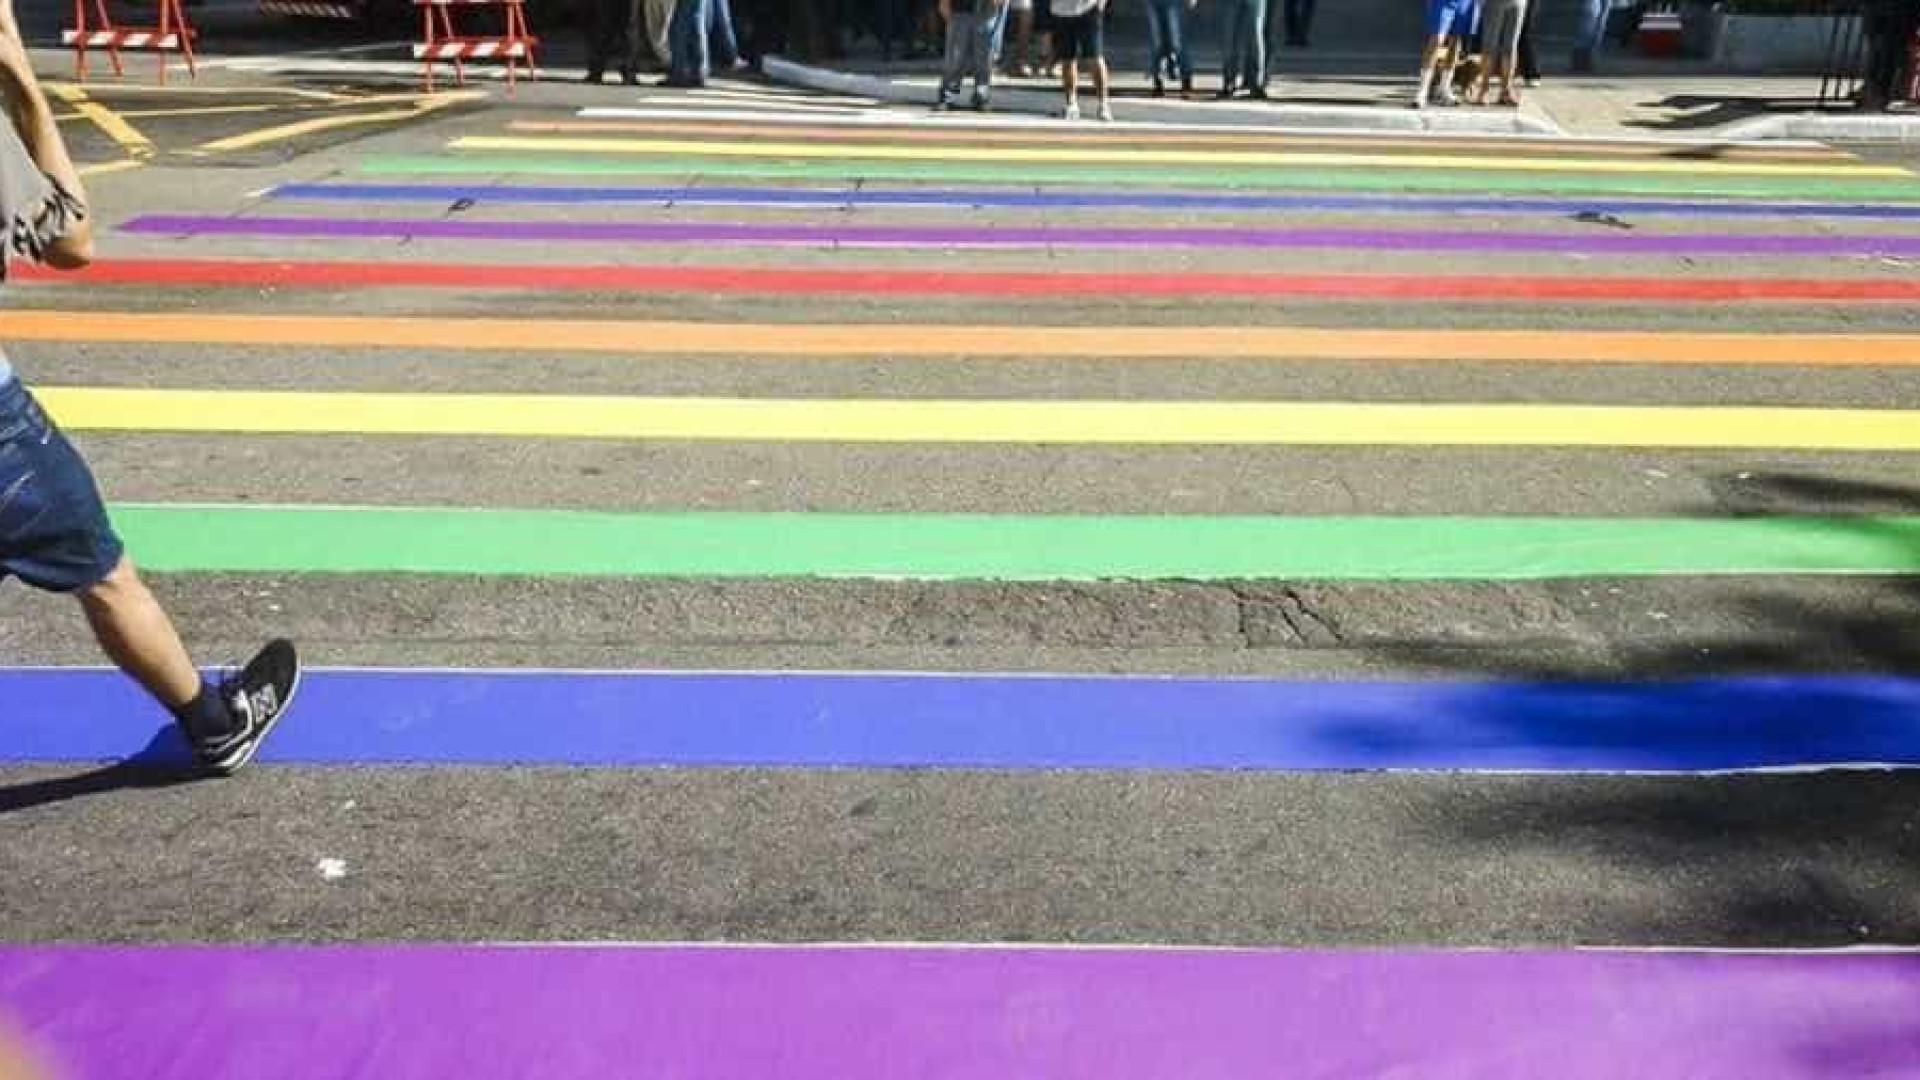 21ª Parada LGBT: faixas de pedestre são pintadas com cores do arco-íris